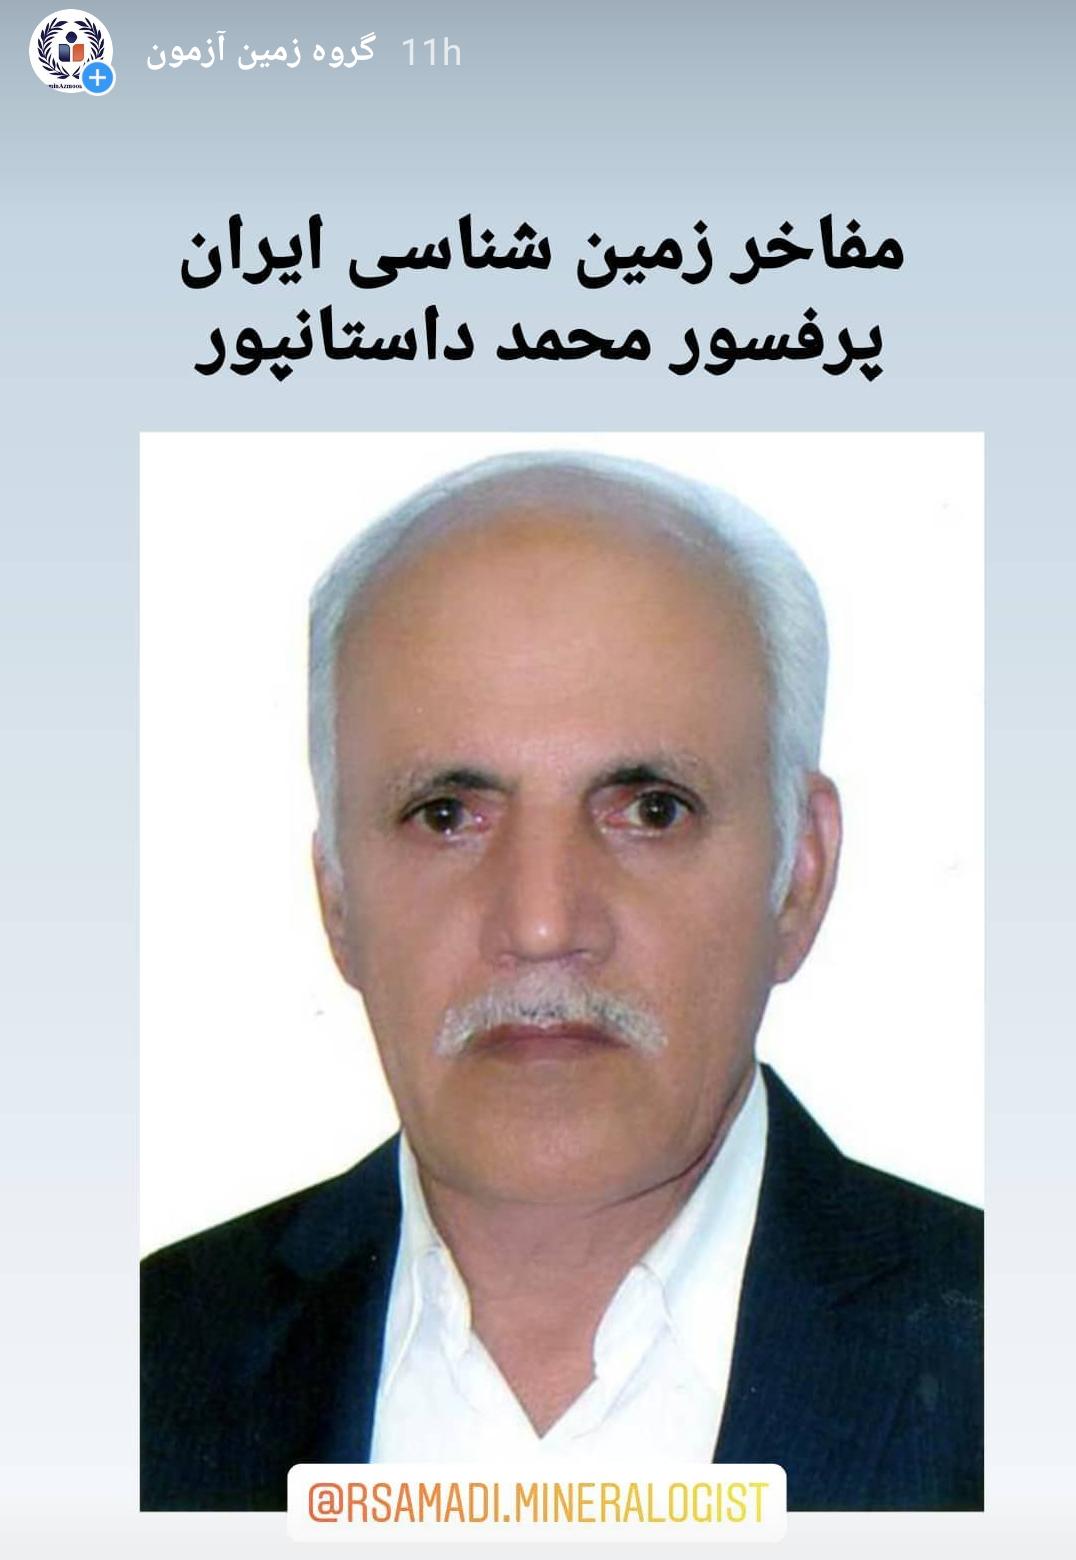 دکتر محمد داستانپور